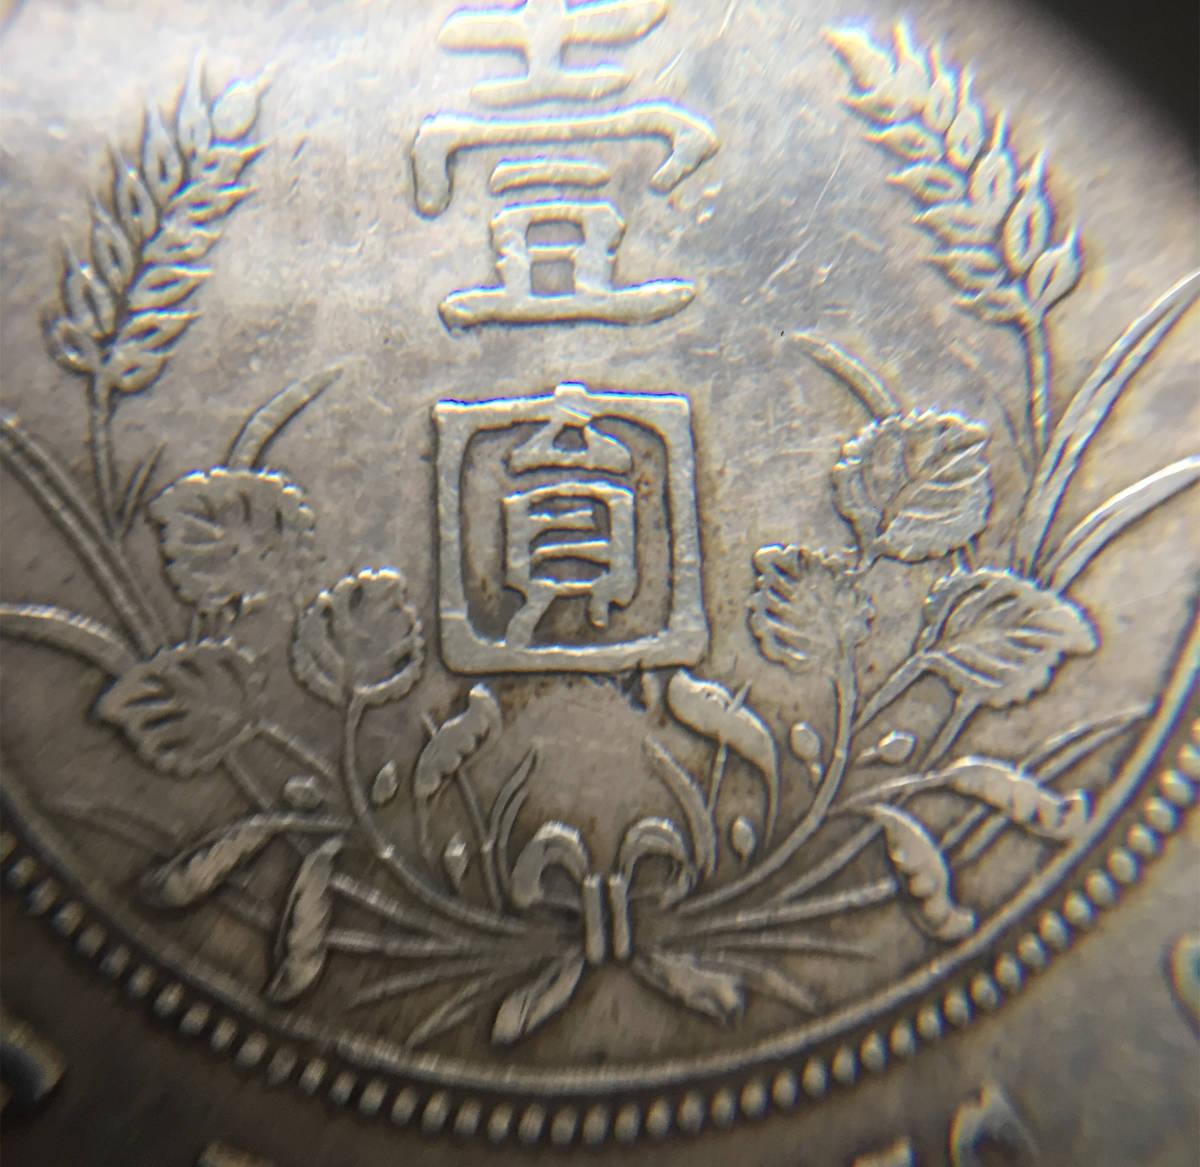 中国 中華民国 孫文 開国記念幣 1円 壹圓 ONE DOLLAR 銀貨 硬貨 古銭 コイン_画像7